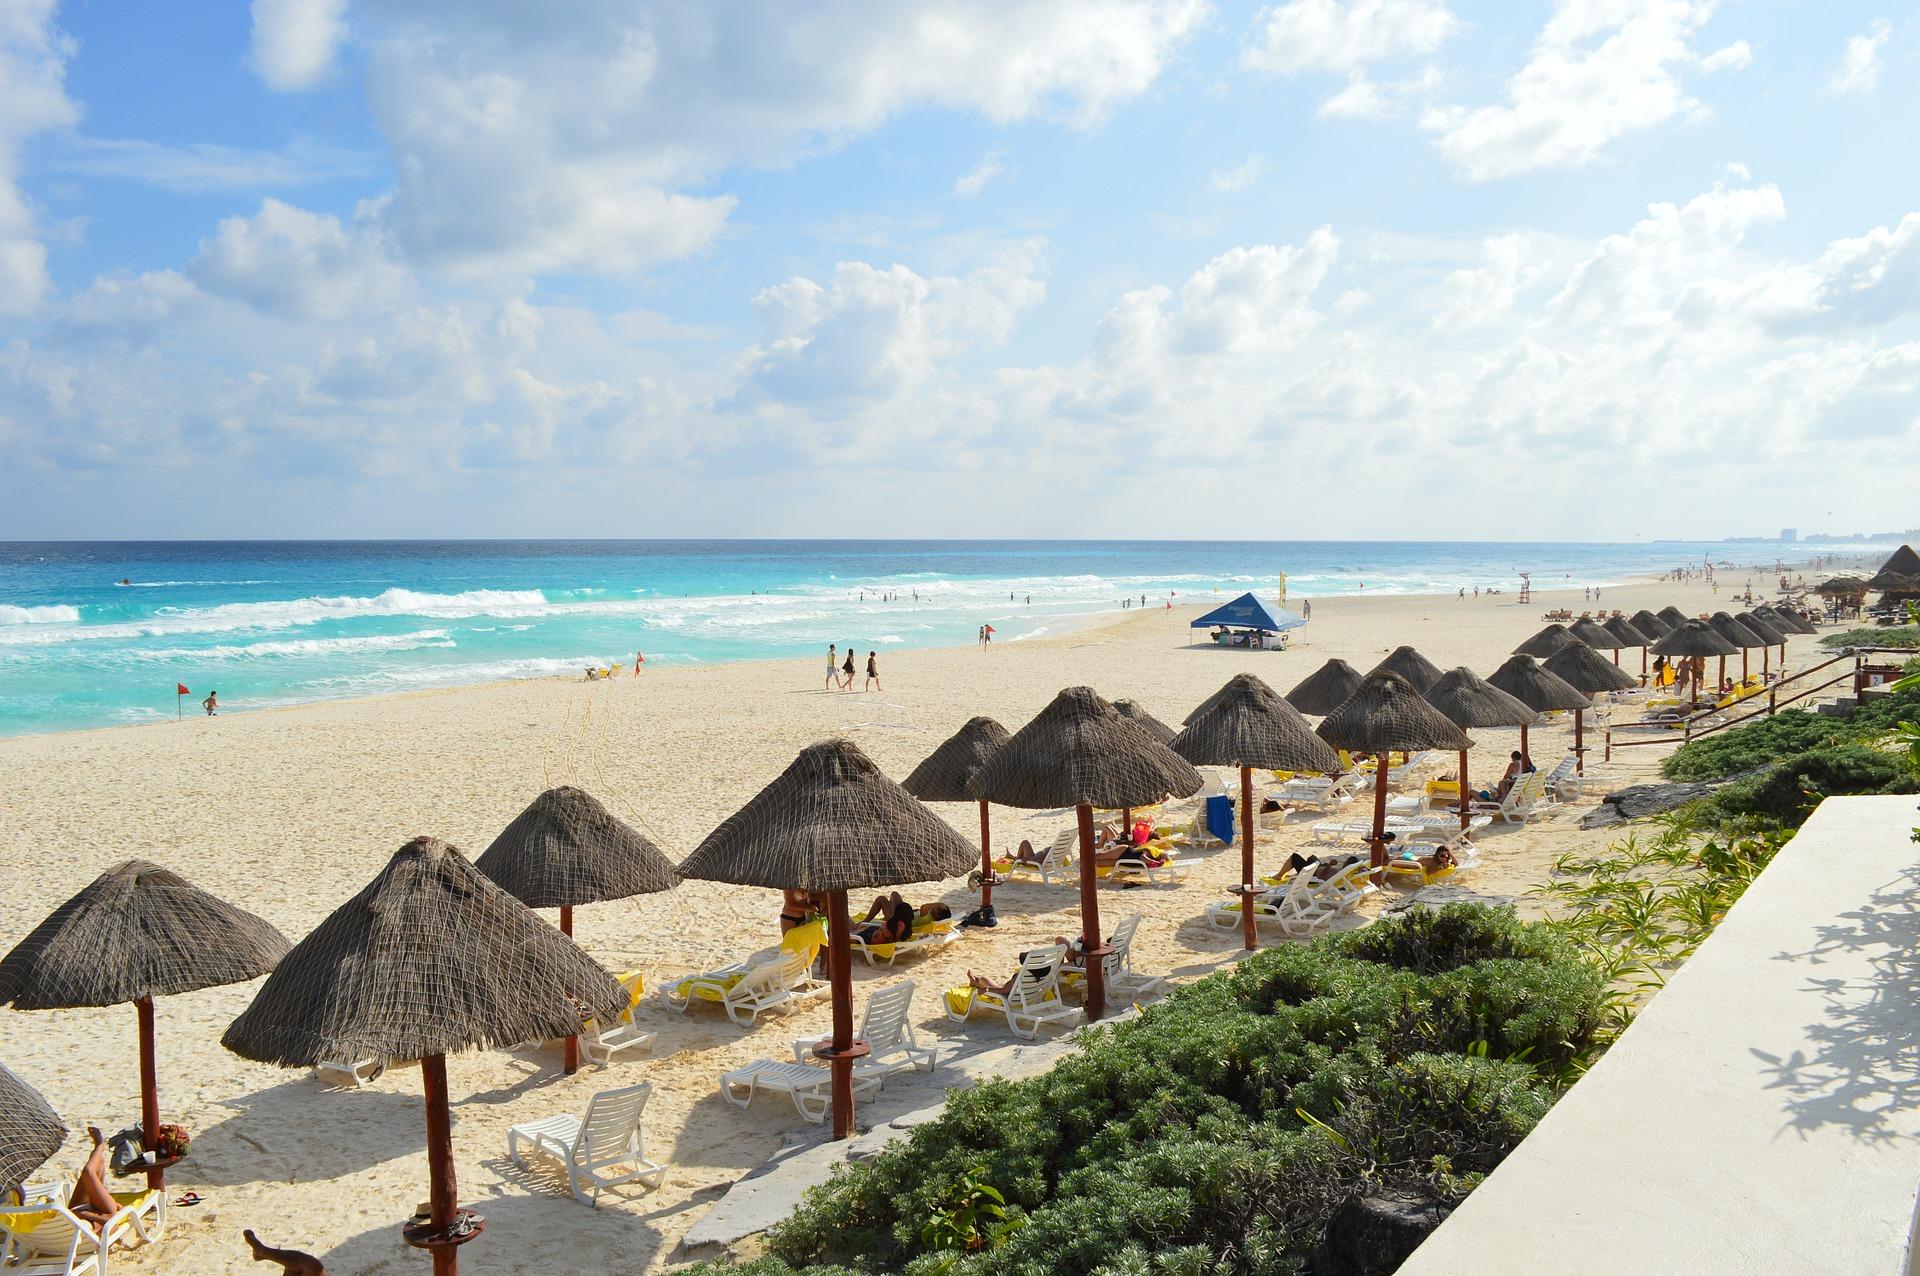 Mit dem Beispiel Hotel habt Ihr natürlich bei dem Preis keine direkte Strandlage könnt den aber in nur wenigen Minuten erreichen